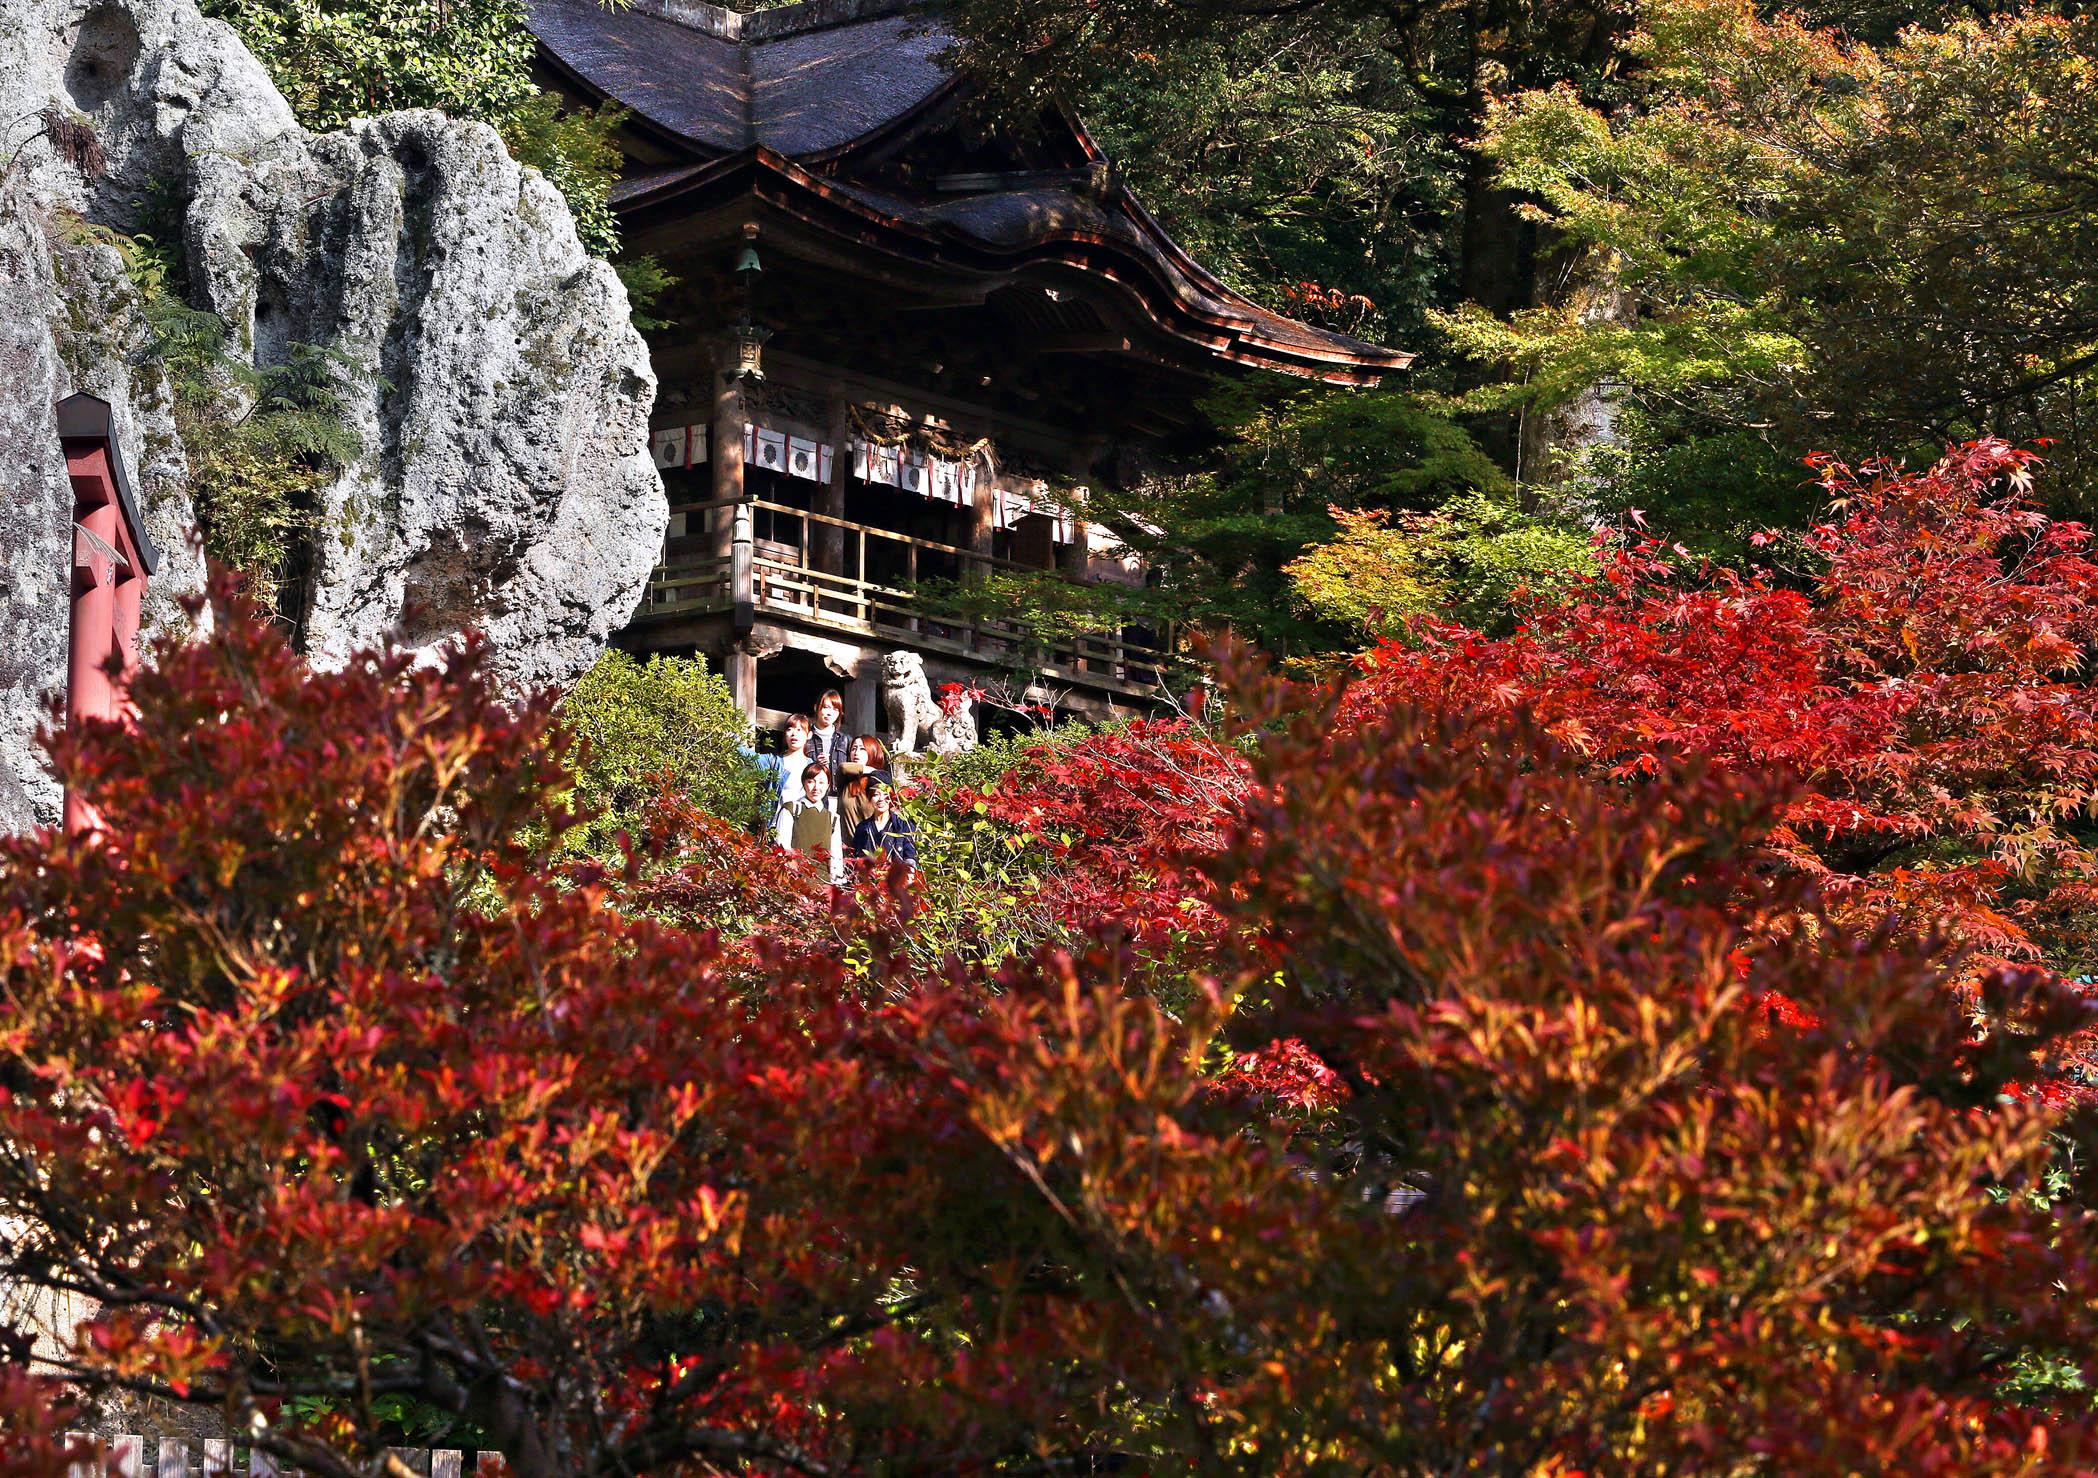 色づき始めた紅葉を楽しむ参詣者=小松市の那谷寺